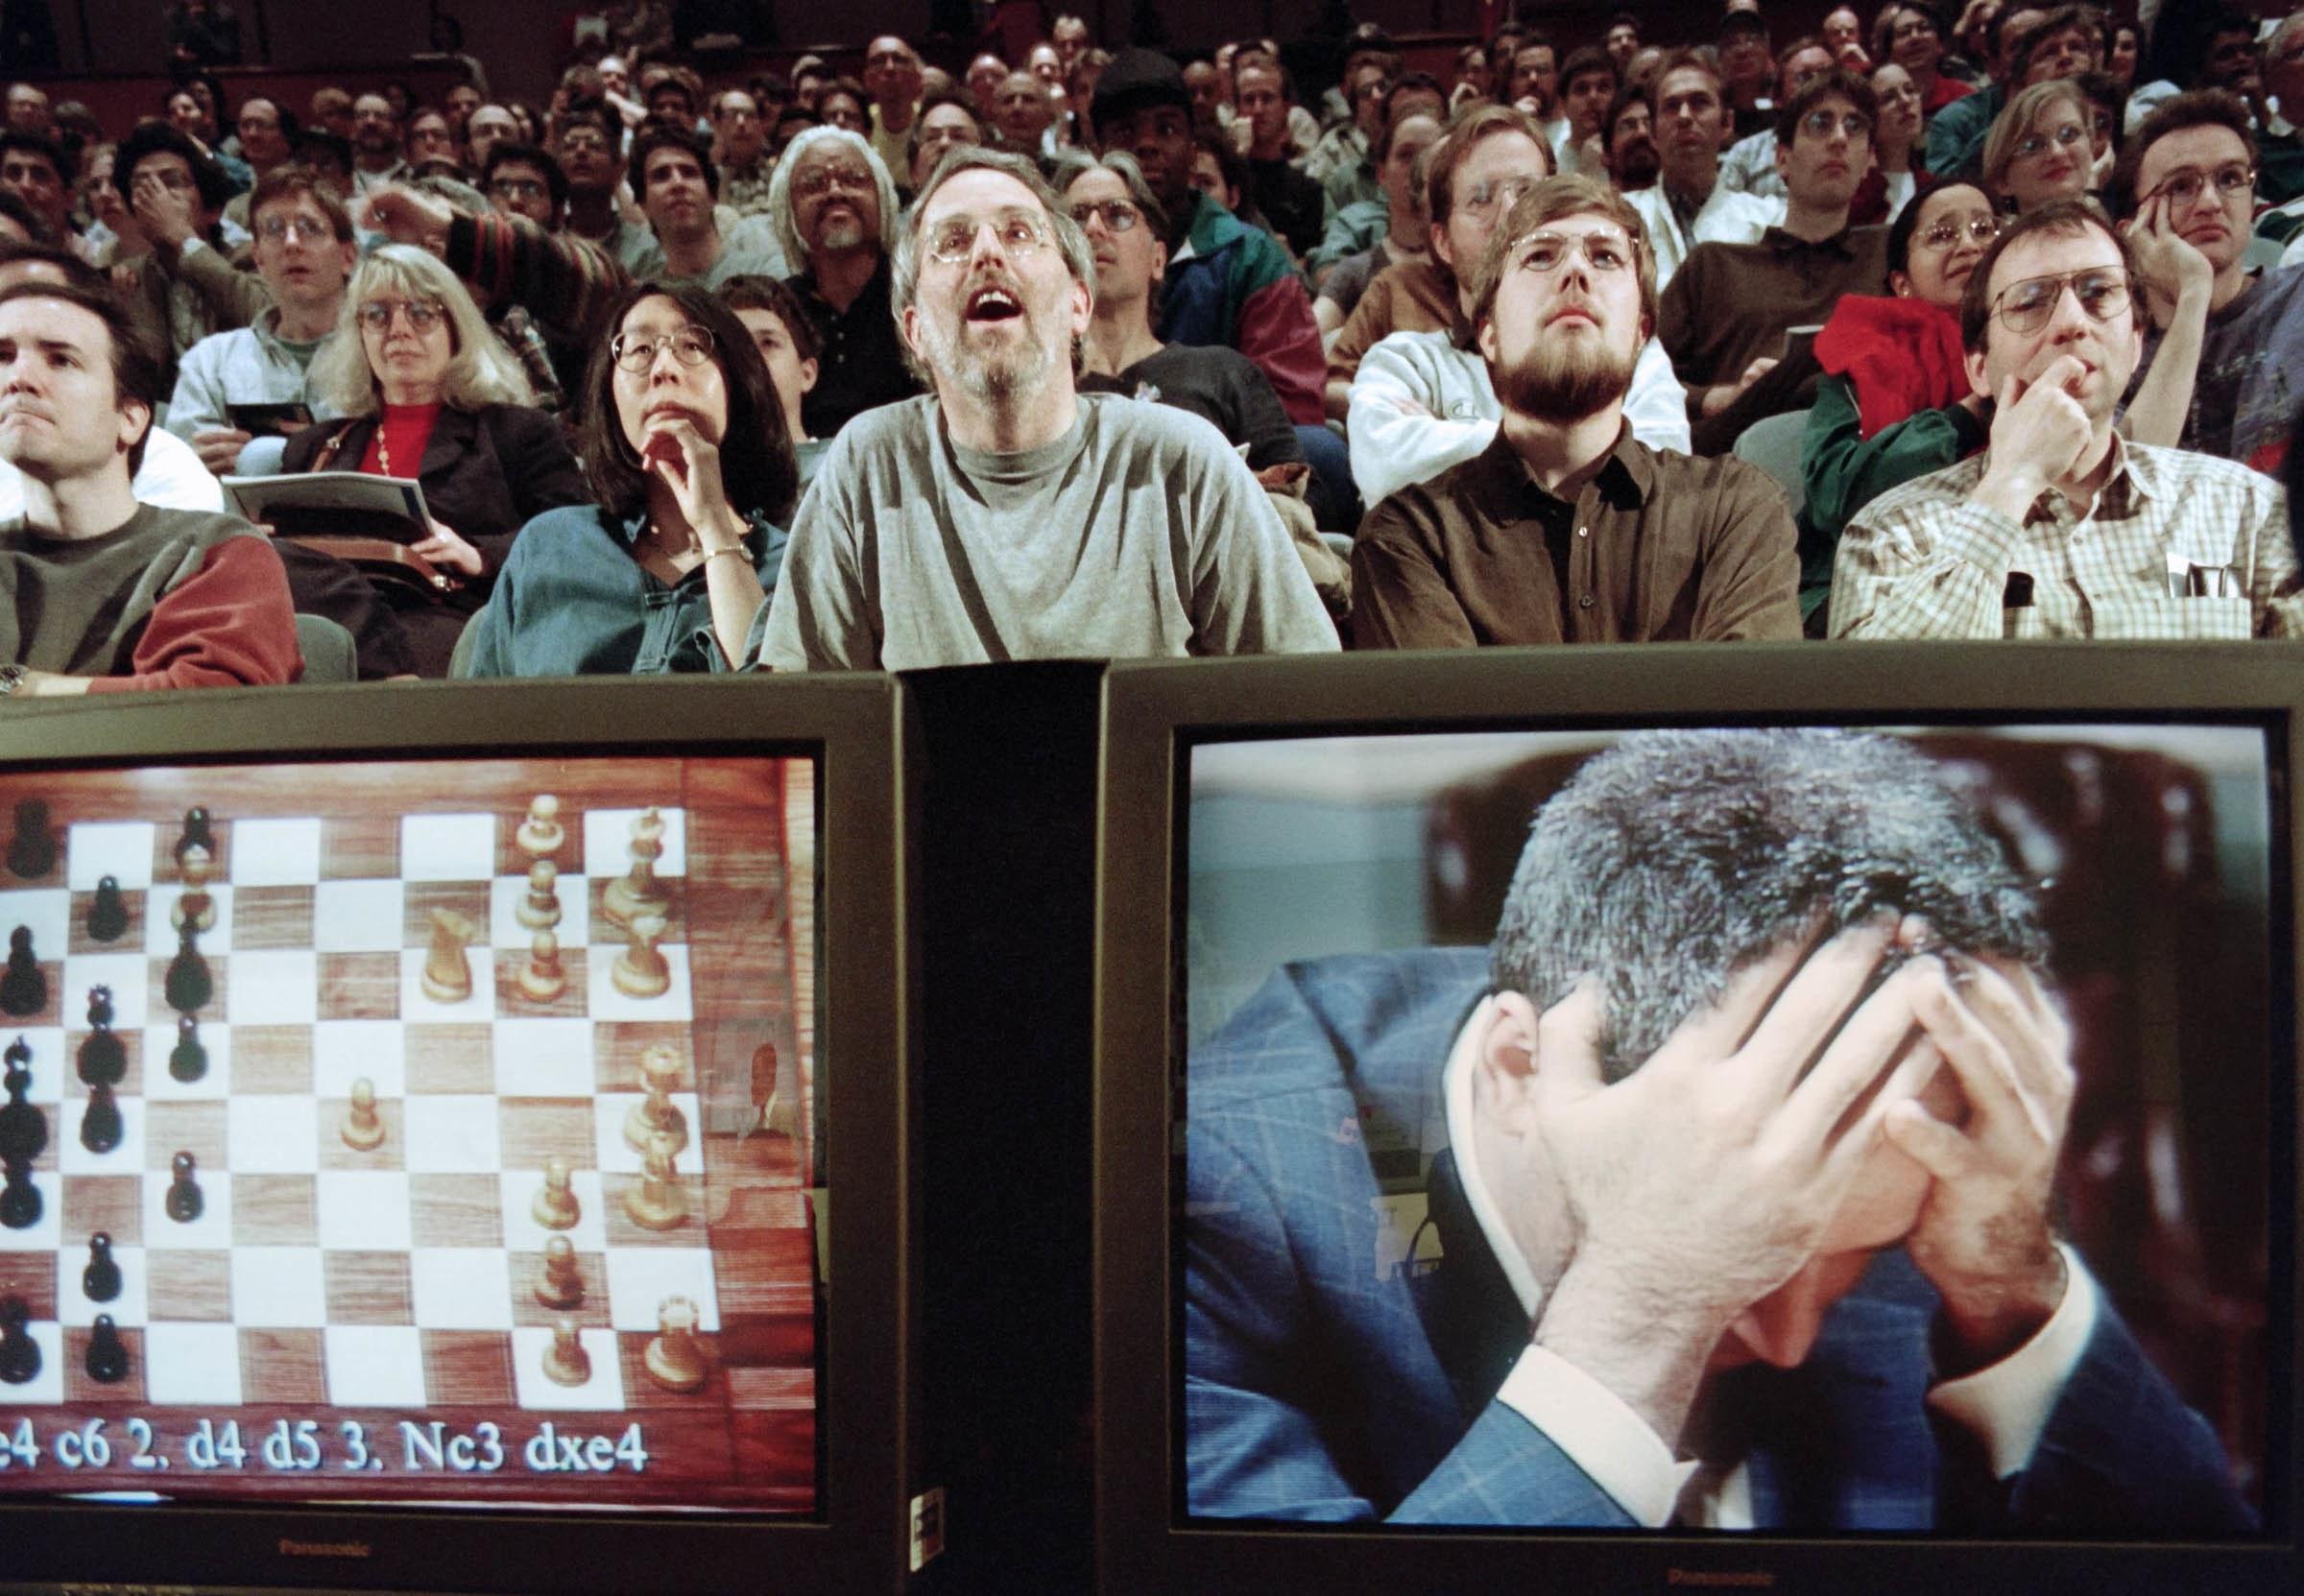 Гарри Каспаров про AlphaZero и искусственный интеллект